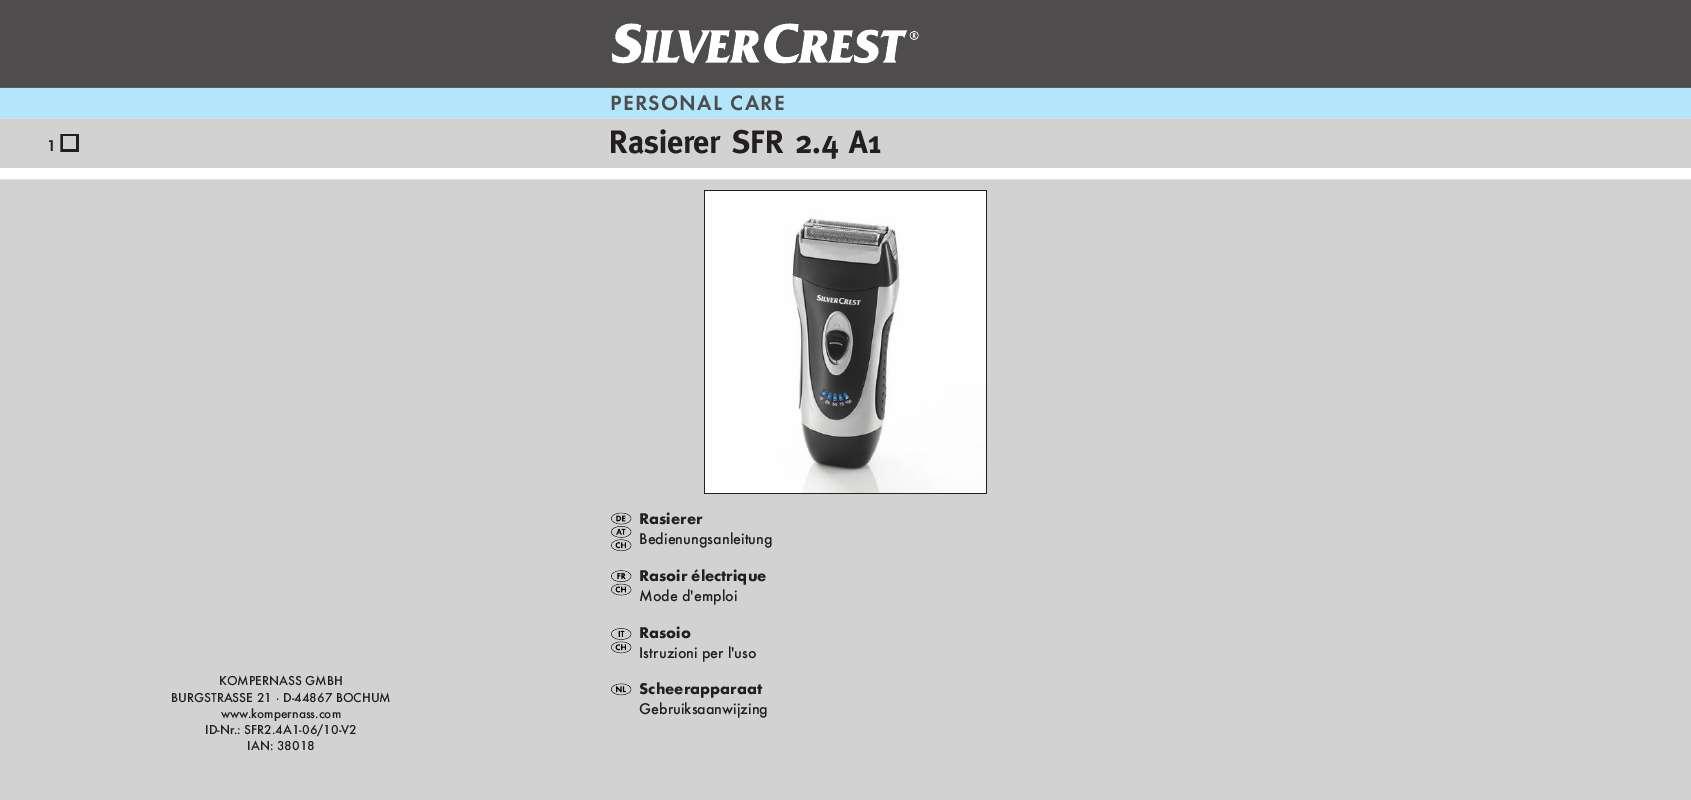 Guide utilisation  SILVERCREST SFR 2.4 A1  de la marque SILVERCREST